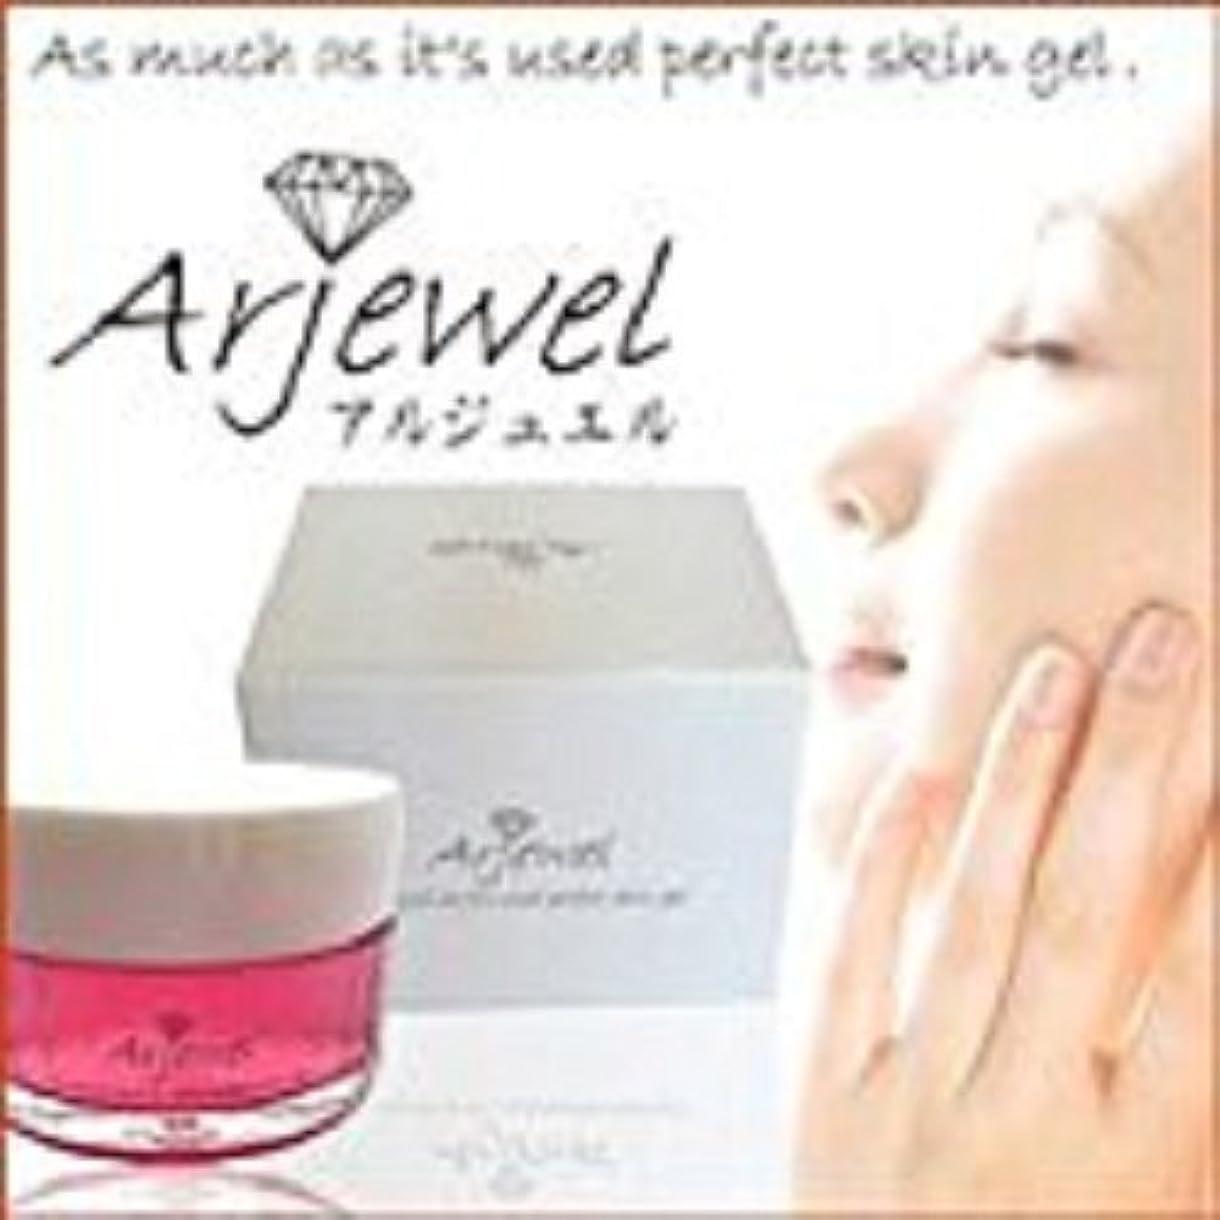 法医学政策葉を拾うアルジュエル (Arjewel) /美容ジェル 小顔ジェル